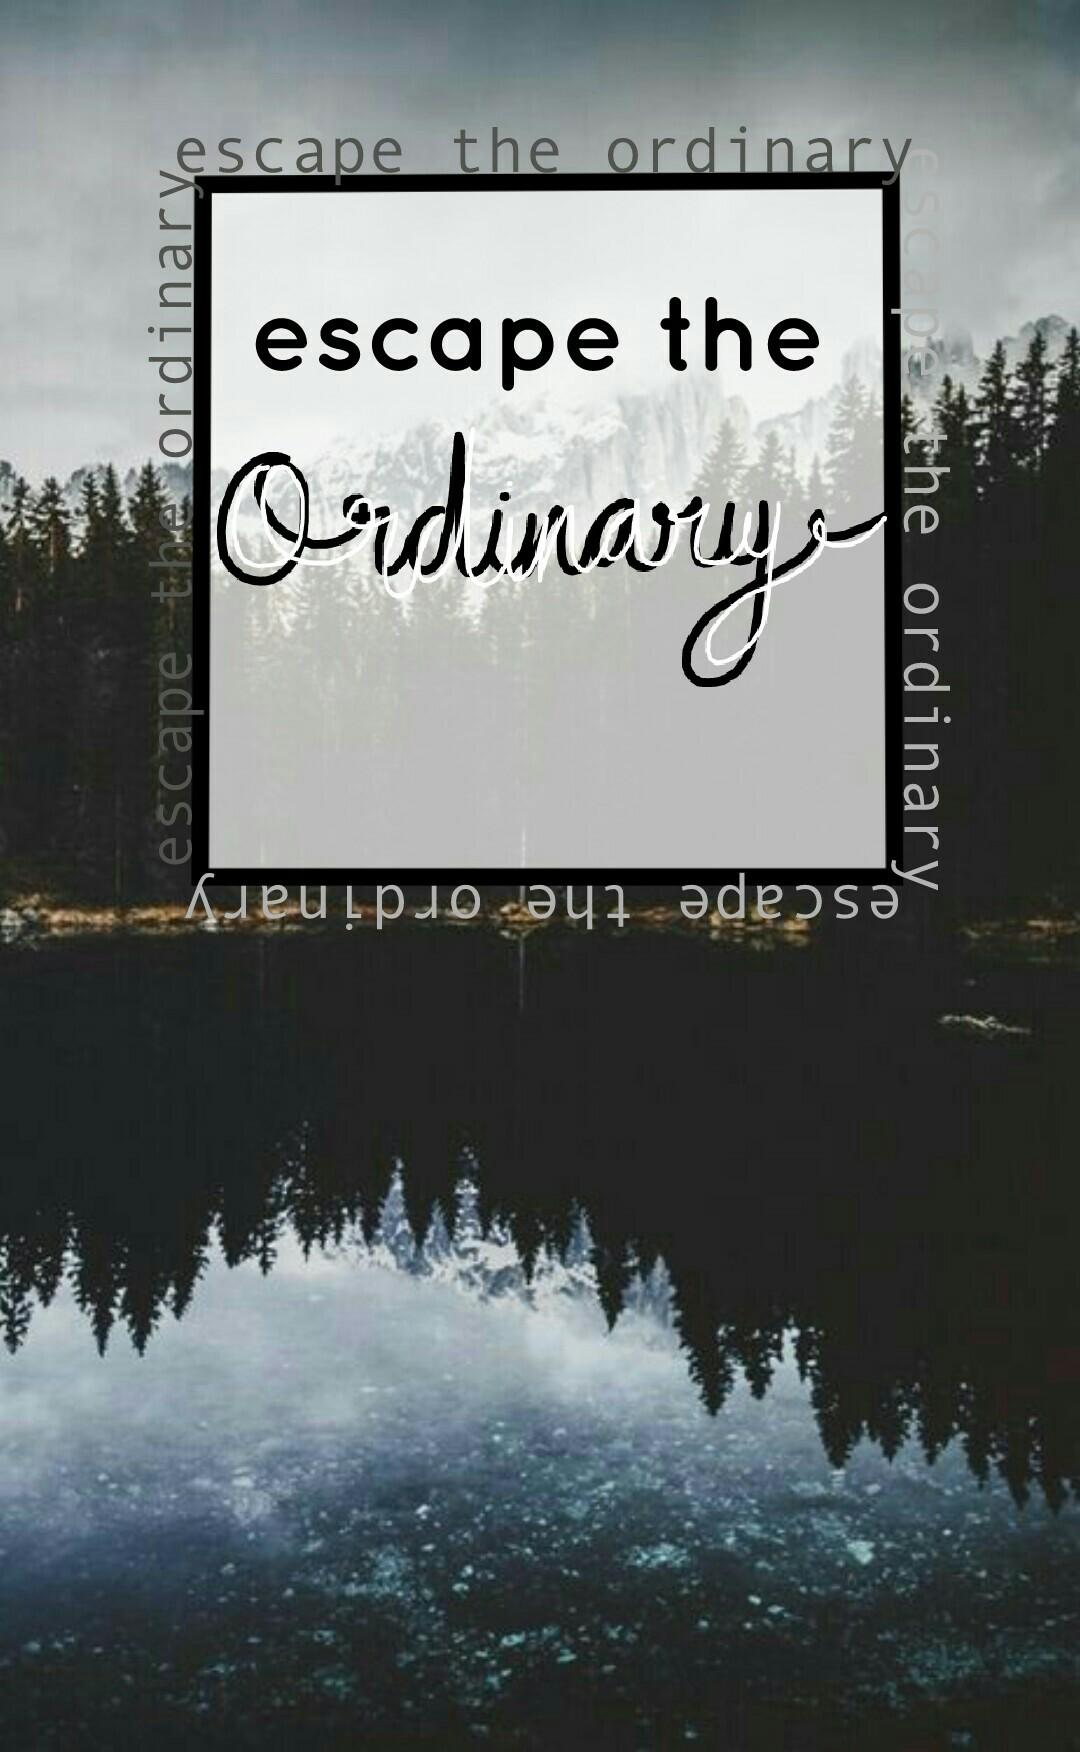 ~escape the ordinary~